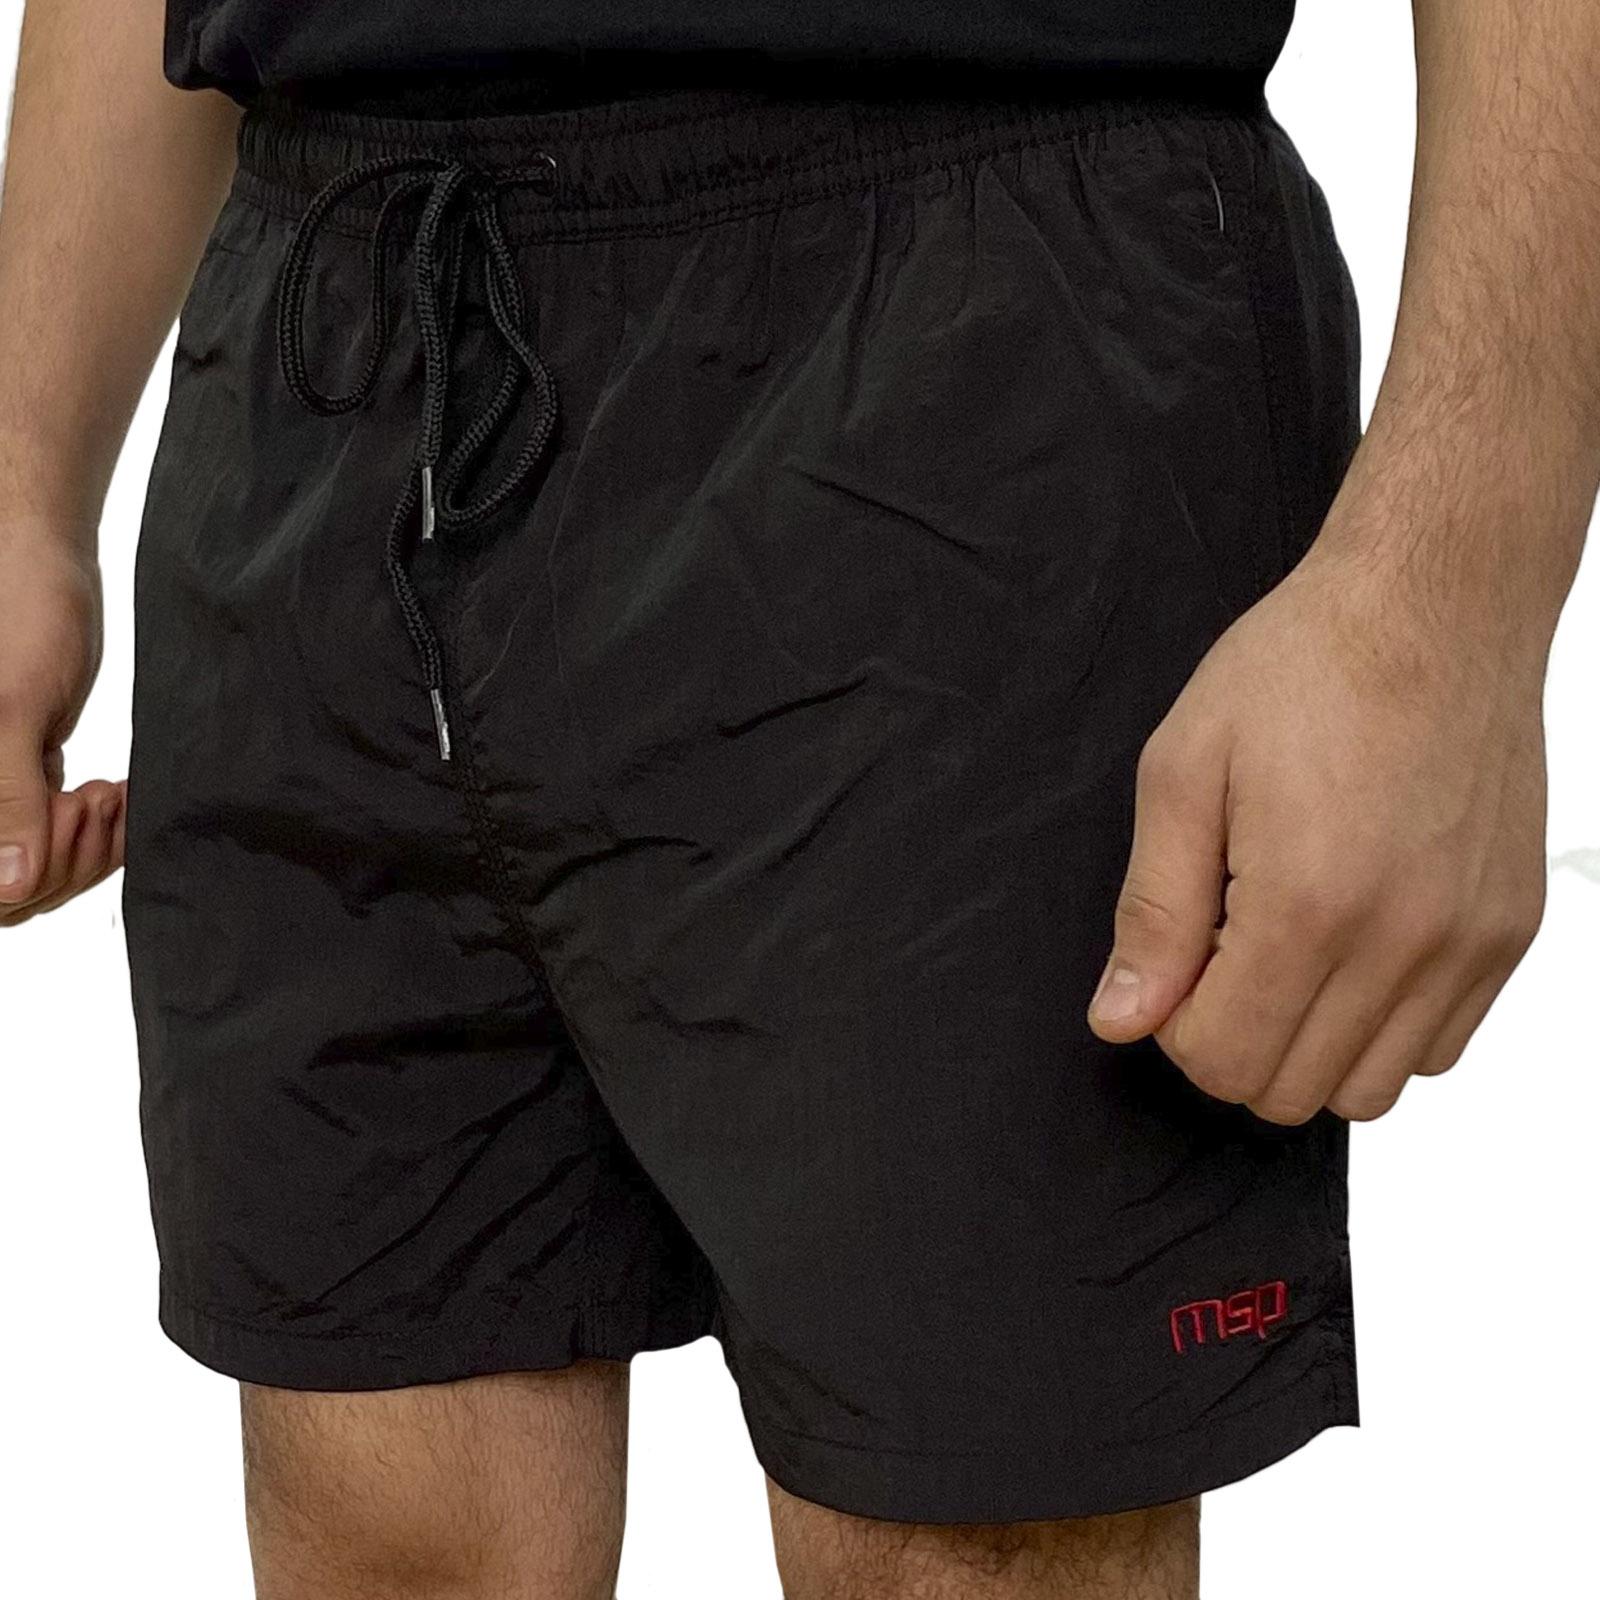 Повседневные мужские шорты Manguun